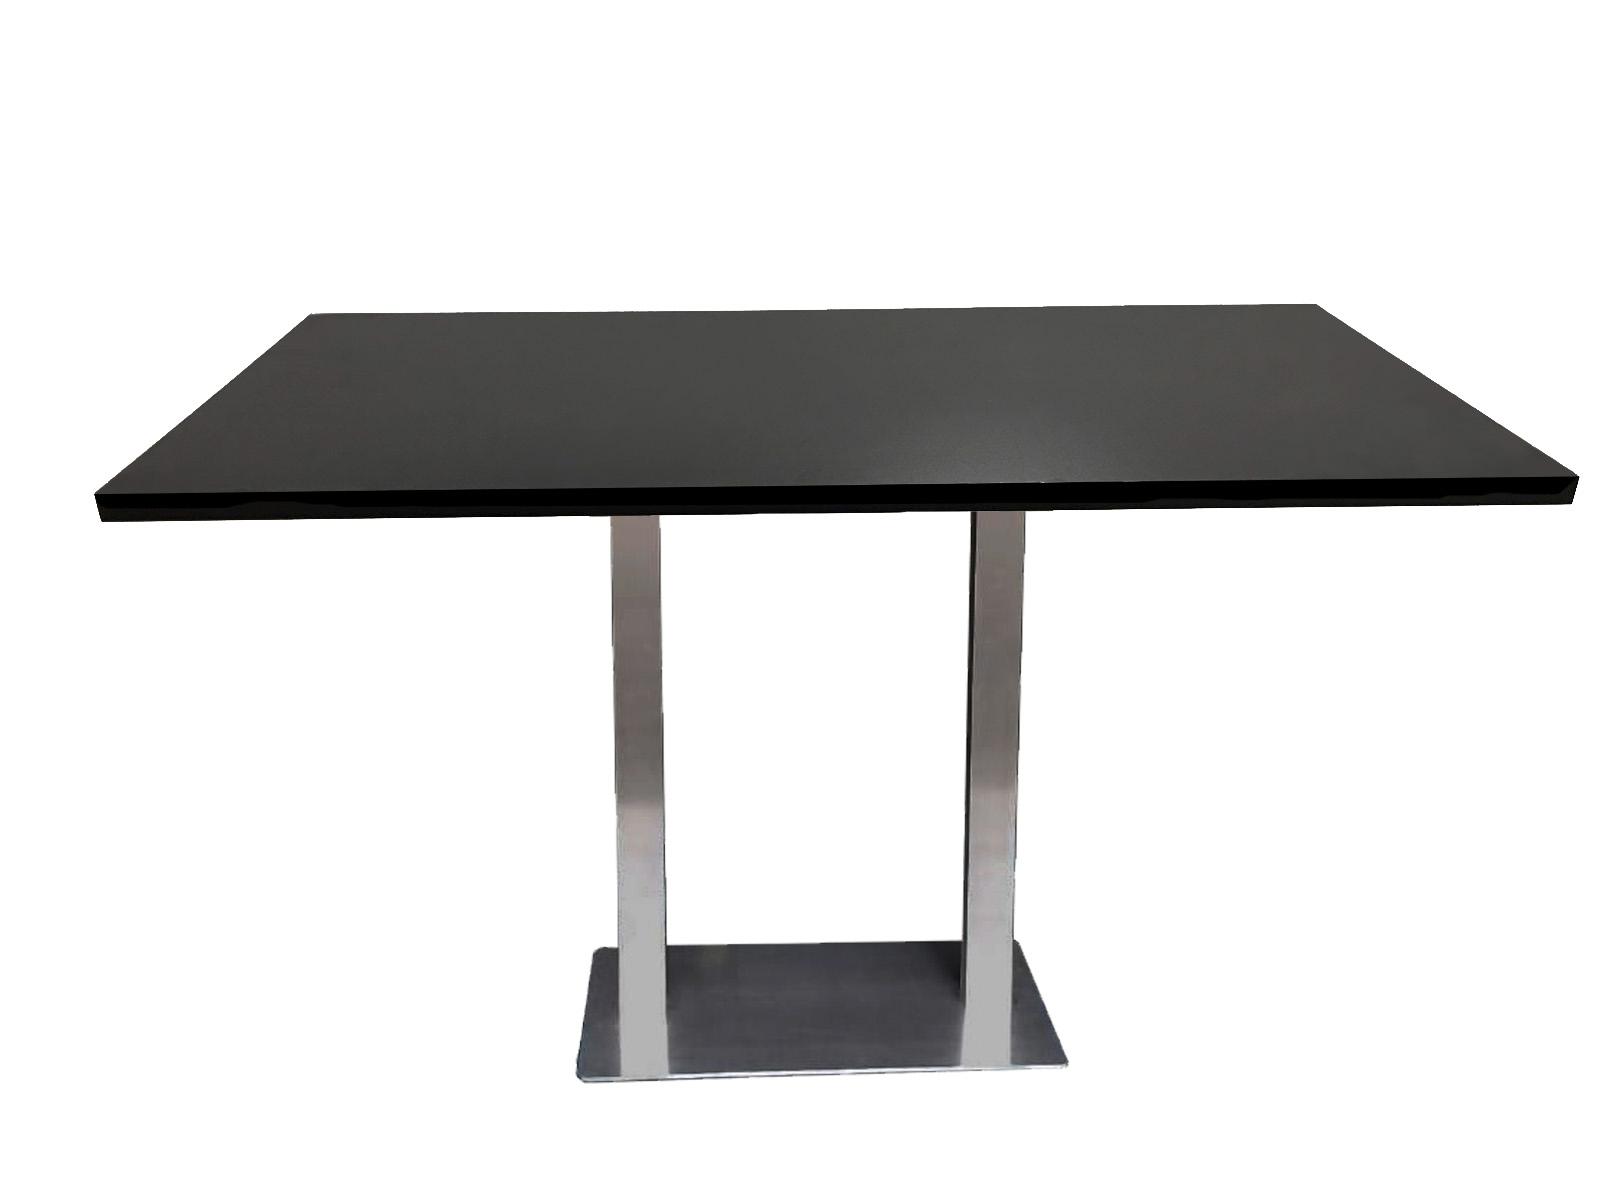 Polar High Black Table_091018